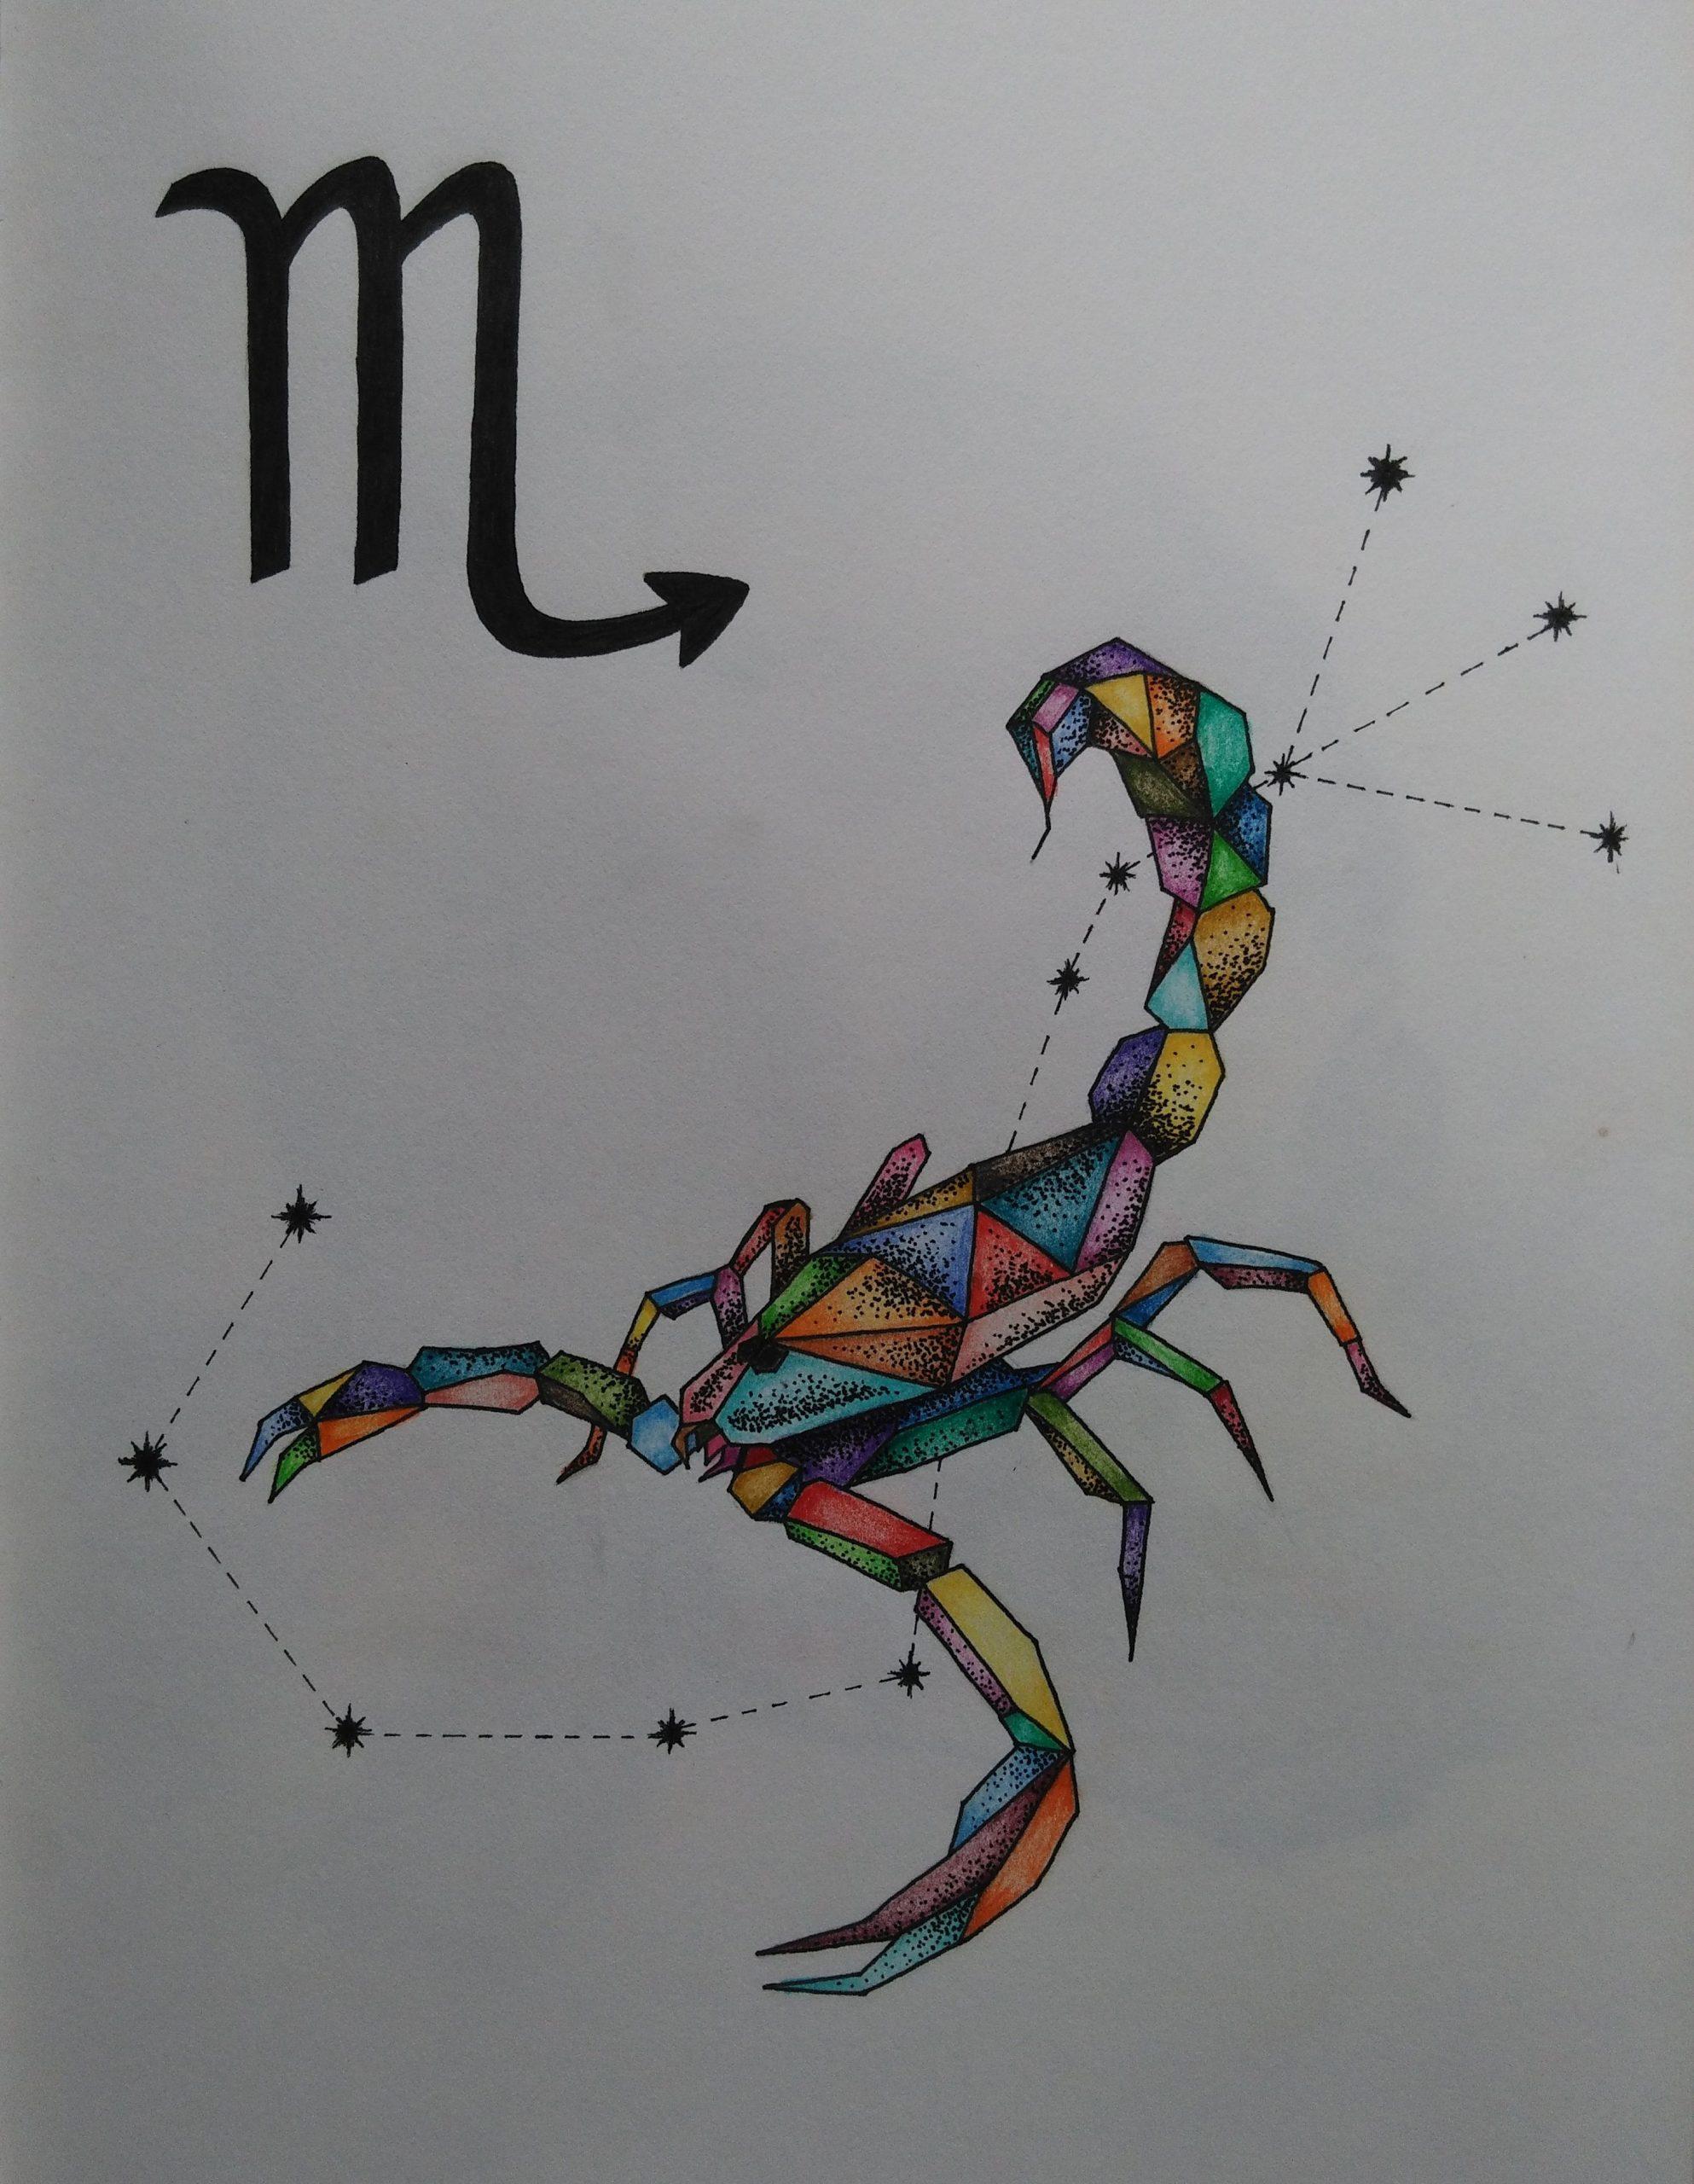 Mein Sternzeichen Skorpion - Buntstift Und Fineliner (Mit verwandt mit Skorpion Sternzeichen Bilder